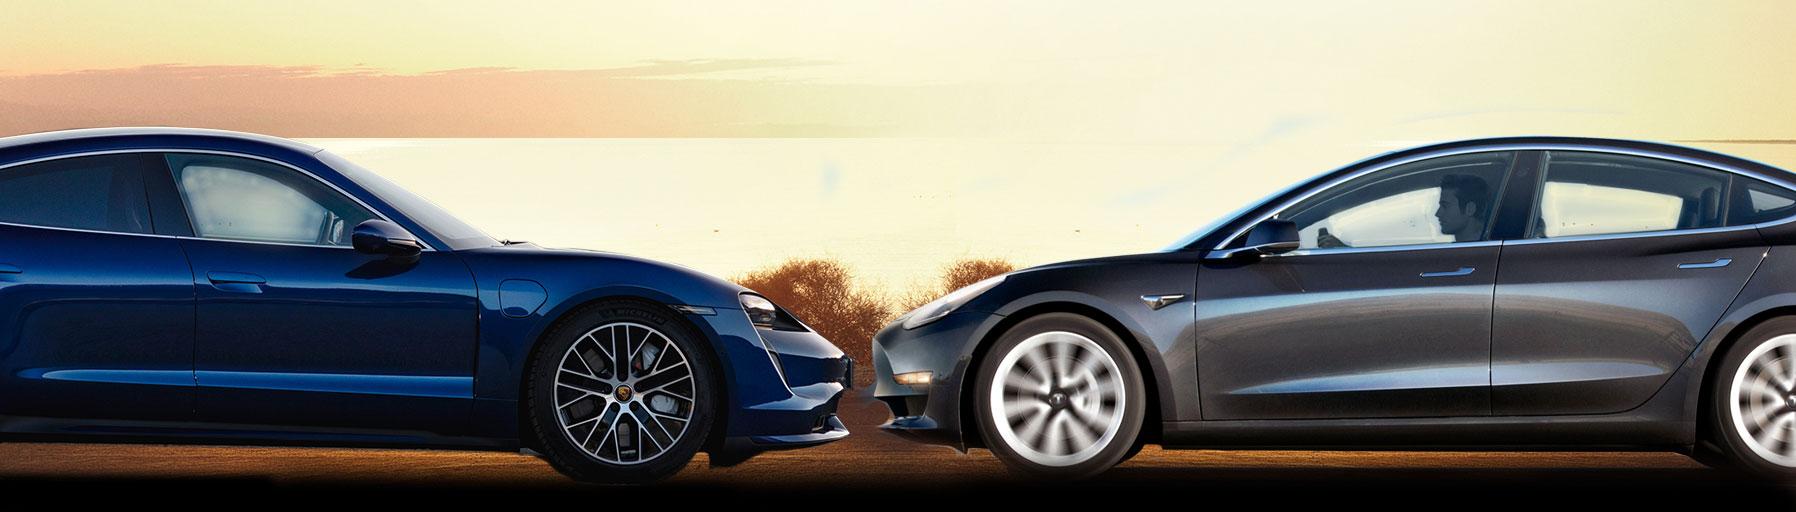 Weekend Kompakt: Tesla vs Porsche, Kölner Stadt Anzeiger und die Elektromobilität, Akkuzüge schlagen H2-Züge, Tesla CRM vs Salesforce